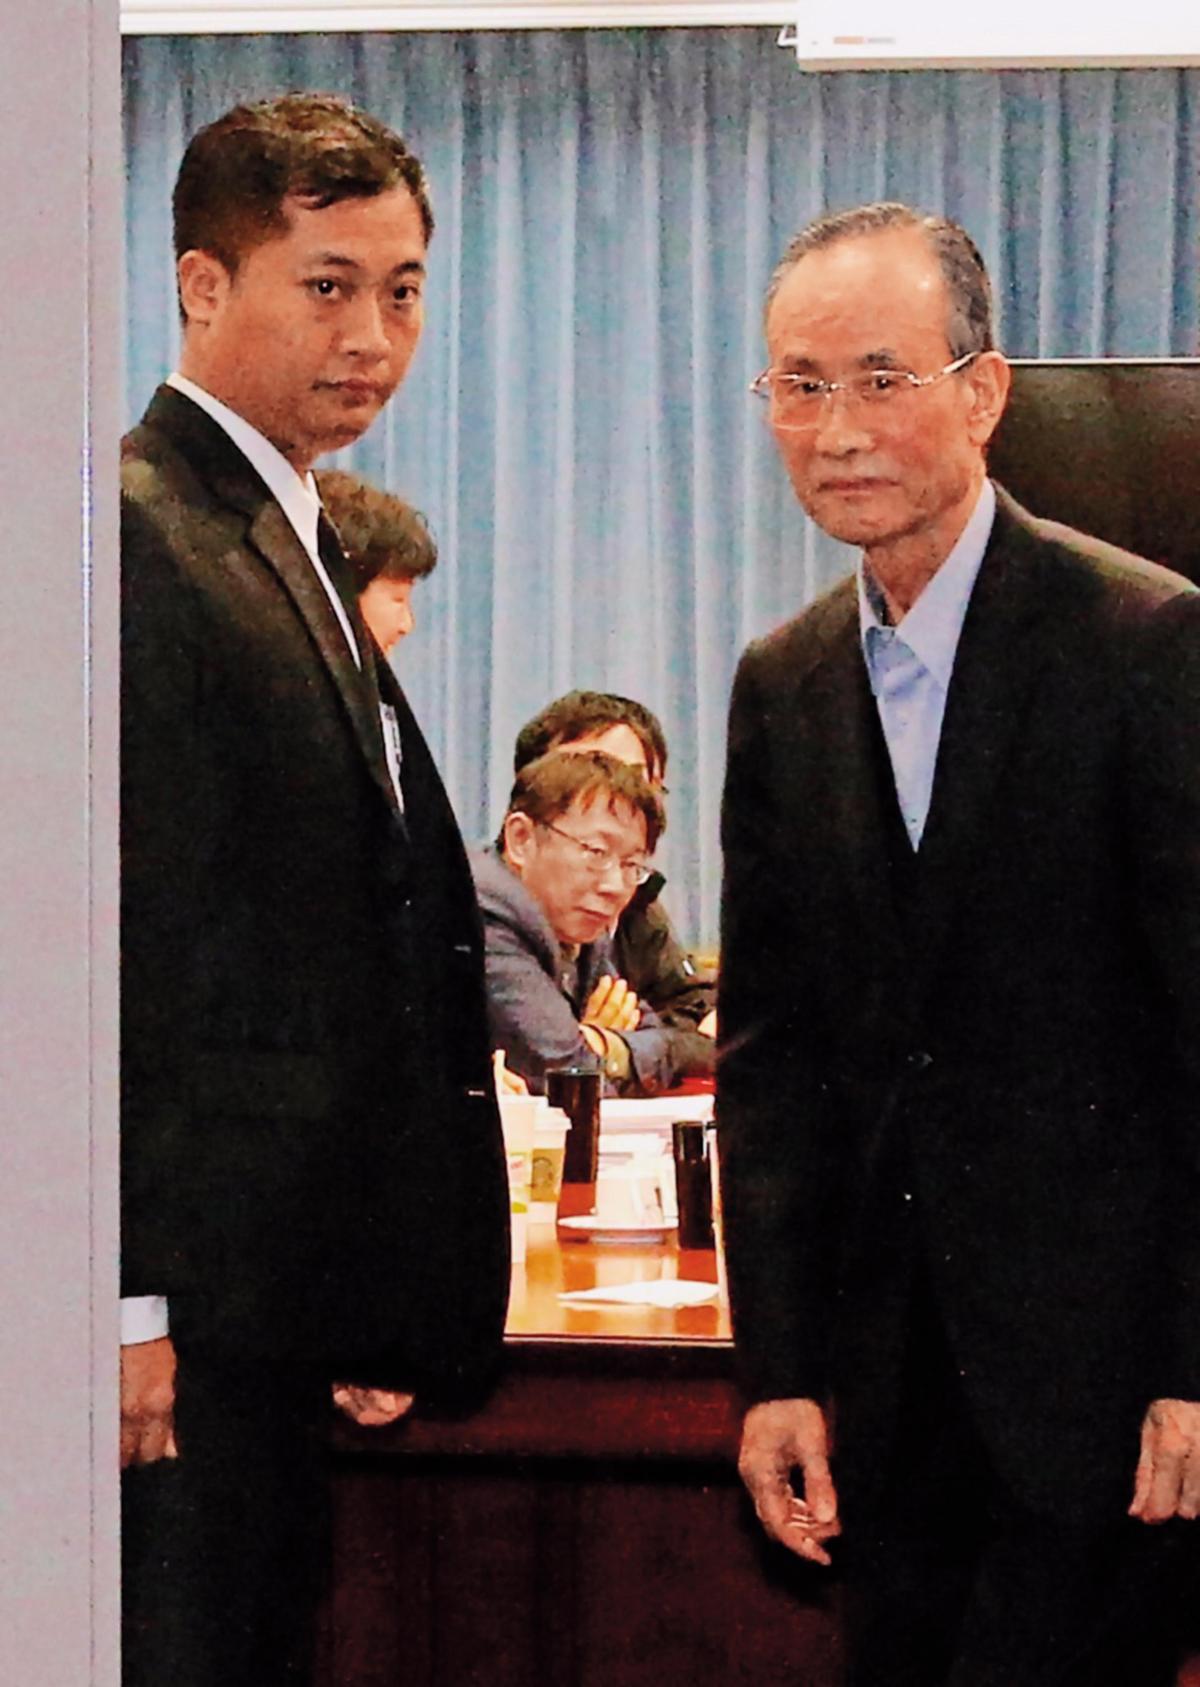 柯P對大巨蛋交易樂觀其成,也希望就此斷開與趙藤雄的恩怨情仇。(中央社)